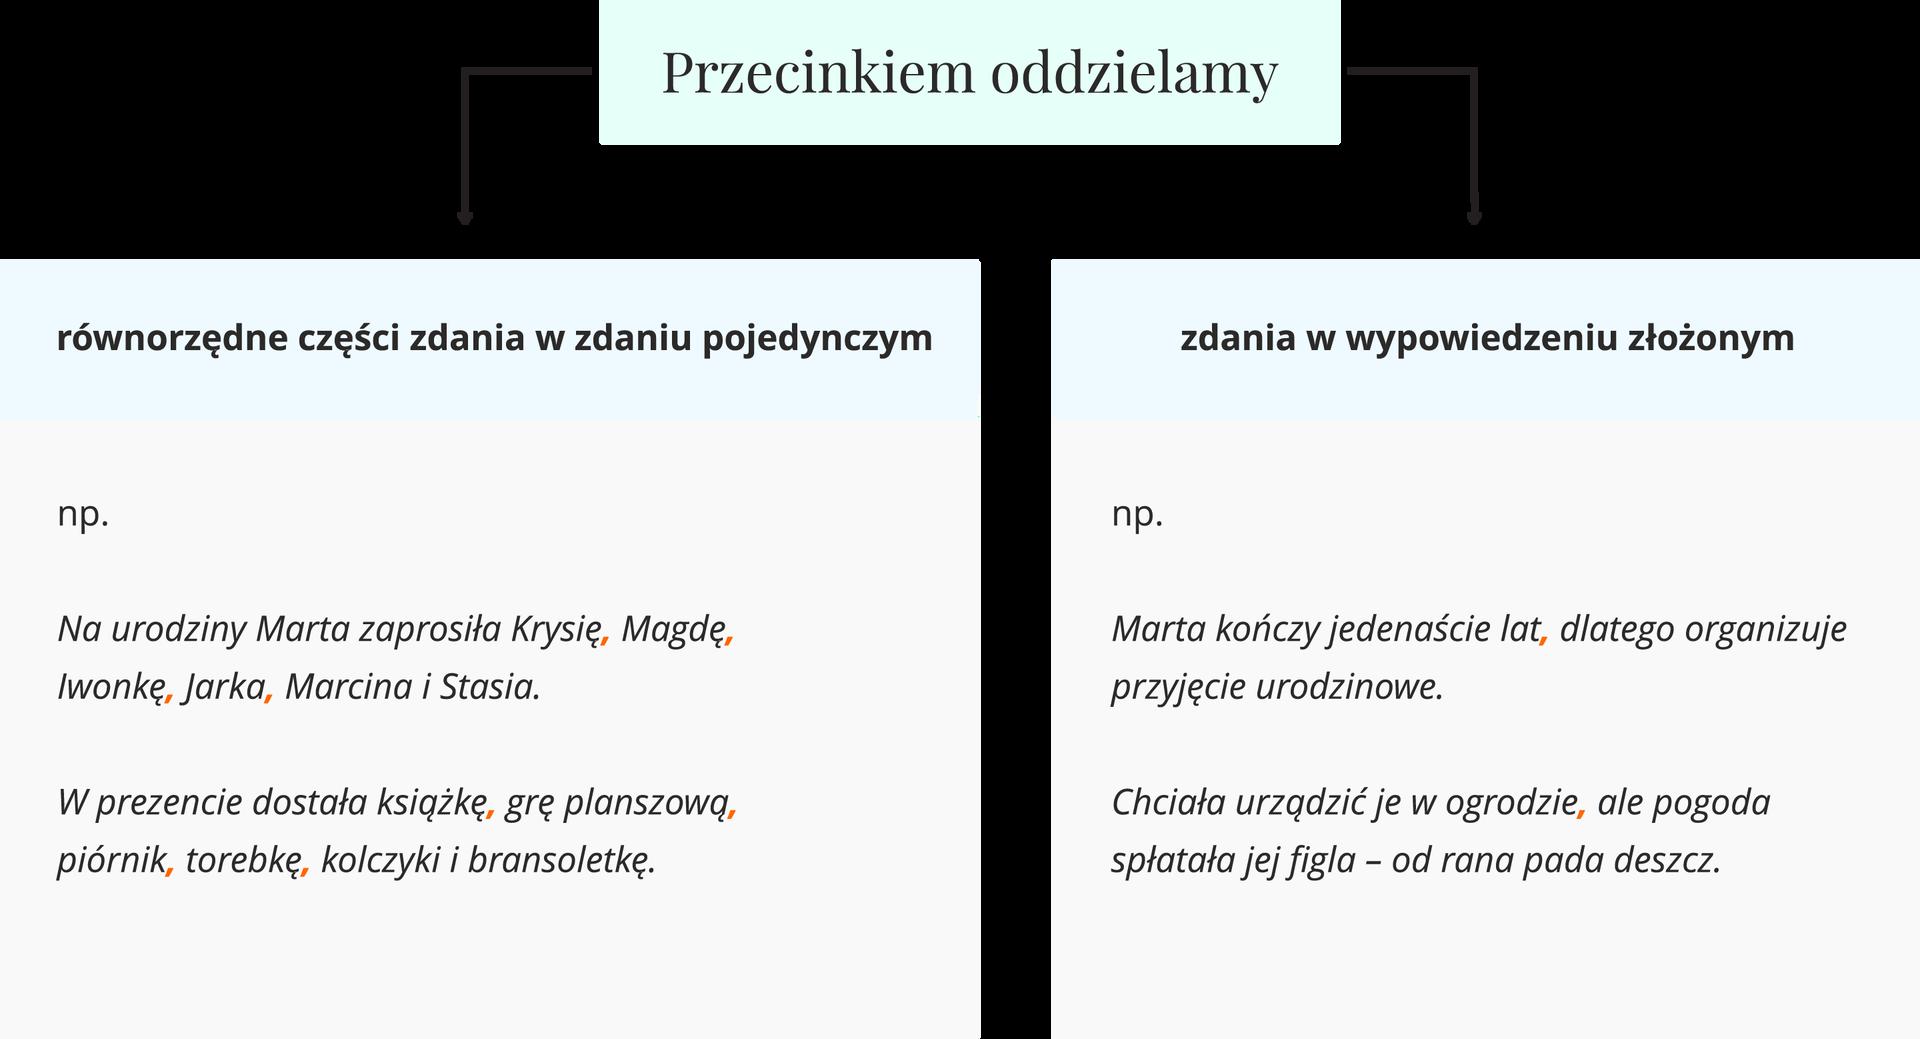 schemat Źródło: Contentplus.pl sp. zo.o., licencja: CC BY 3.0.